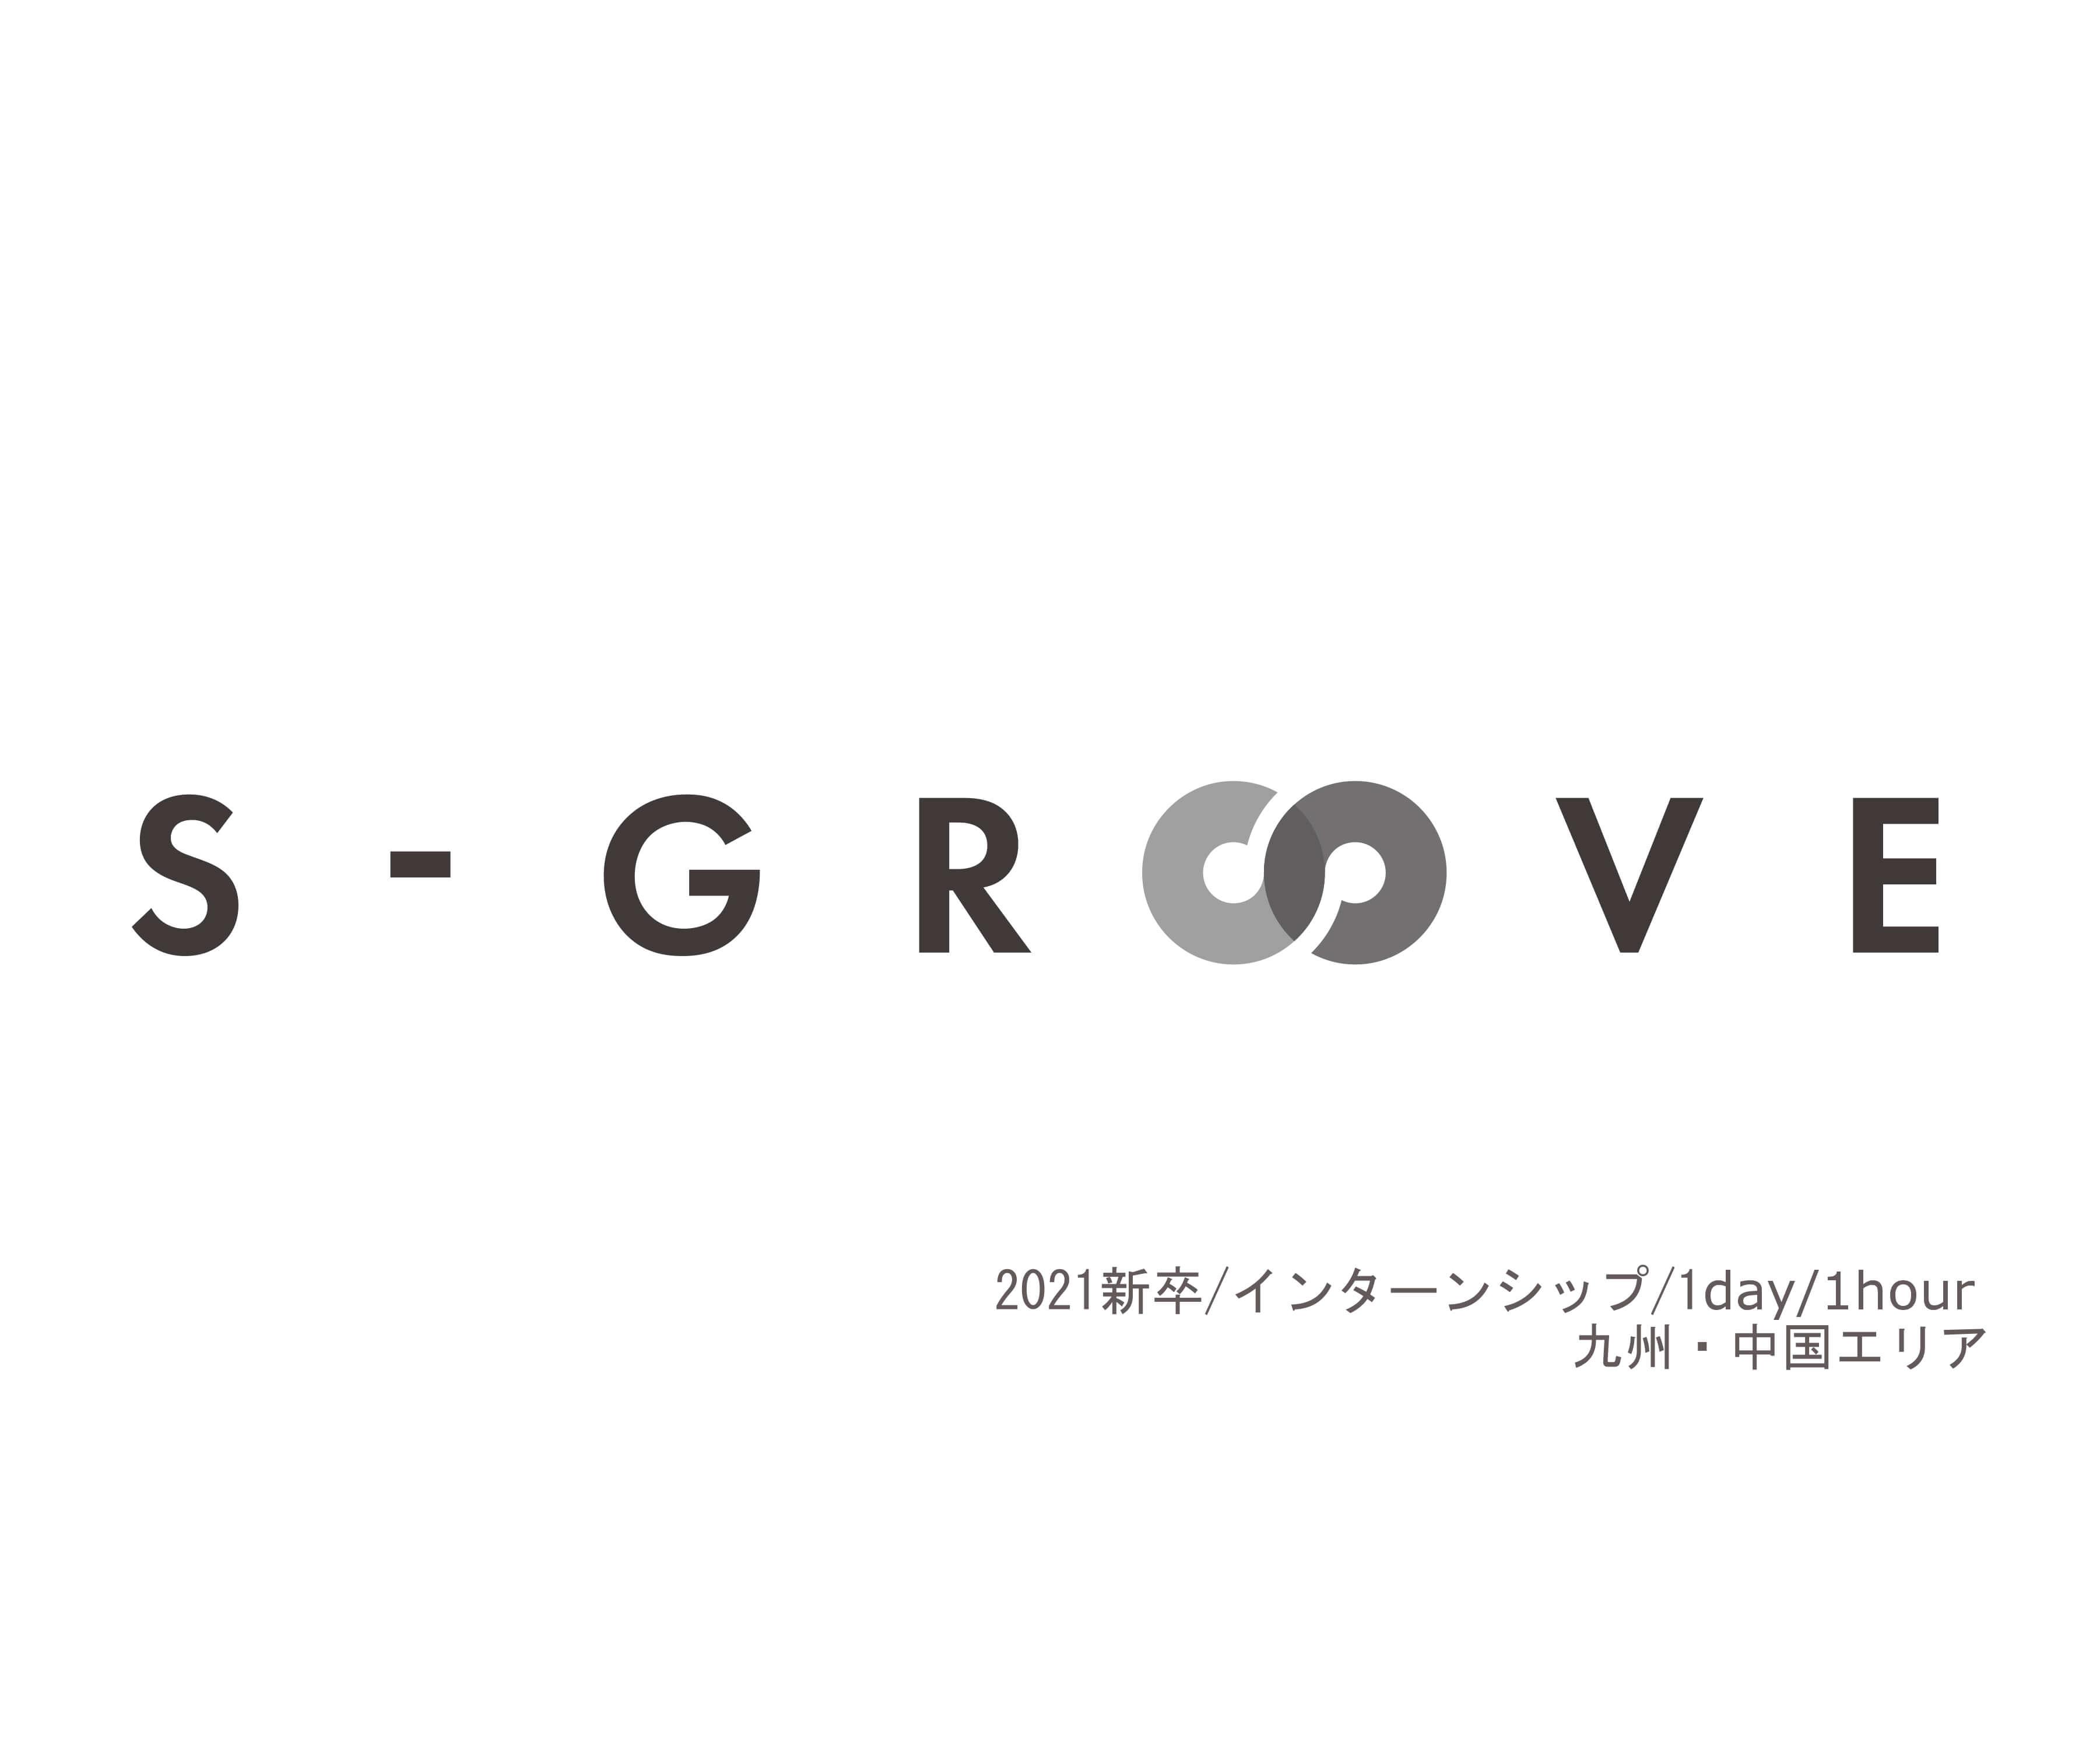 2021新卒/インターンシップ/九州/福岡/1day/販売専門会社/接客体験/のカバー写真